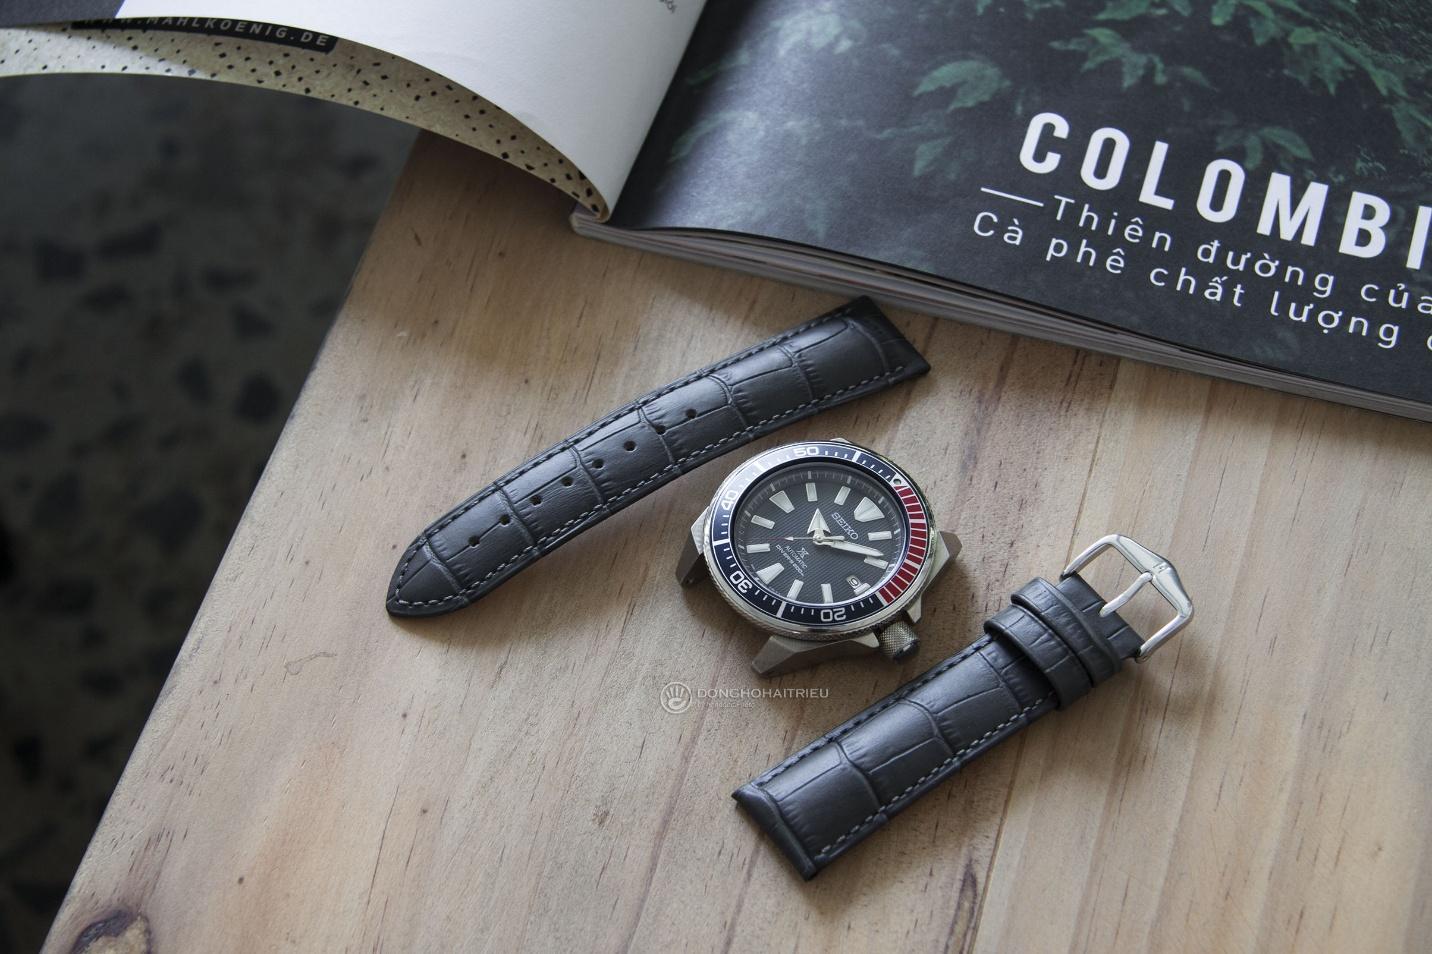 Bộ sưu tập dây da được các thương hiệu đồng hồ nổi tiếng thế giới ưa chuộng - Ảnh 7.